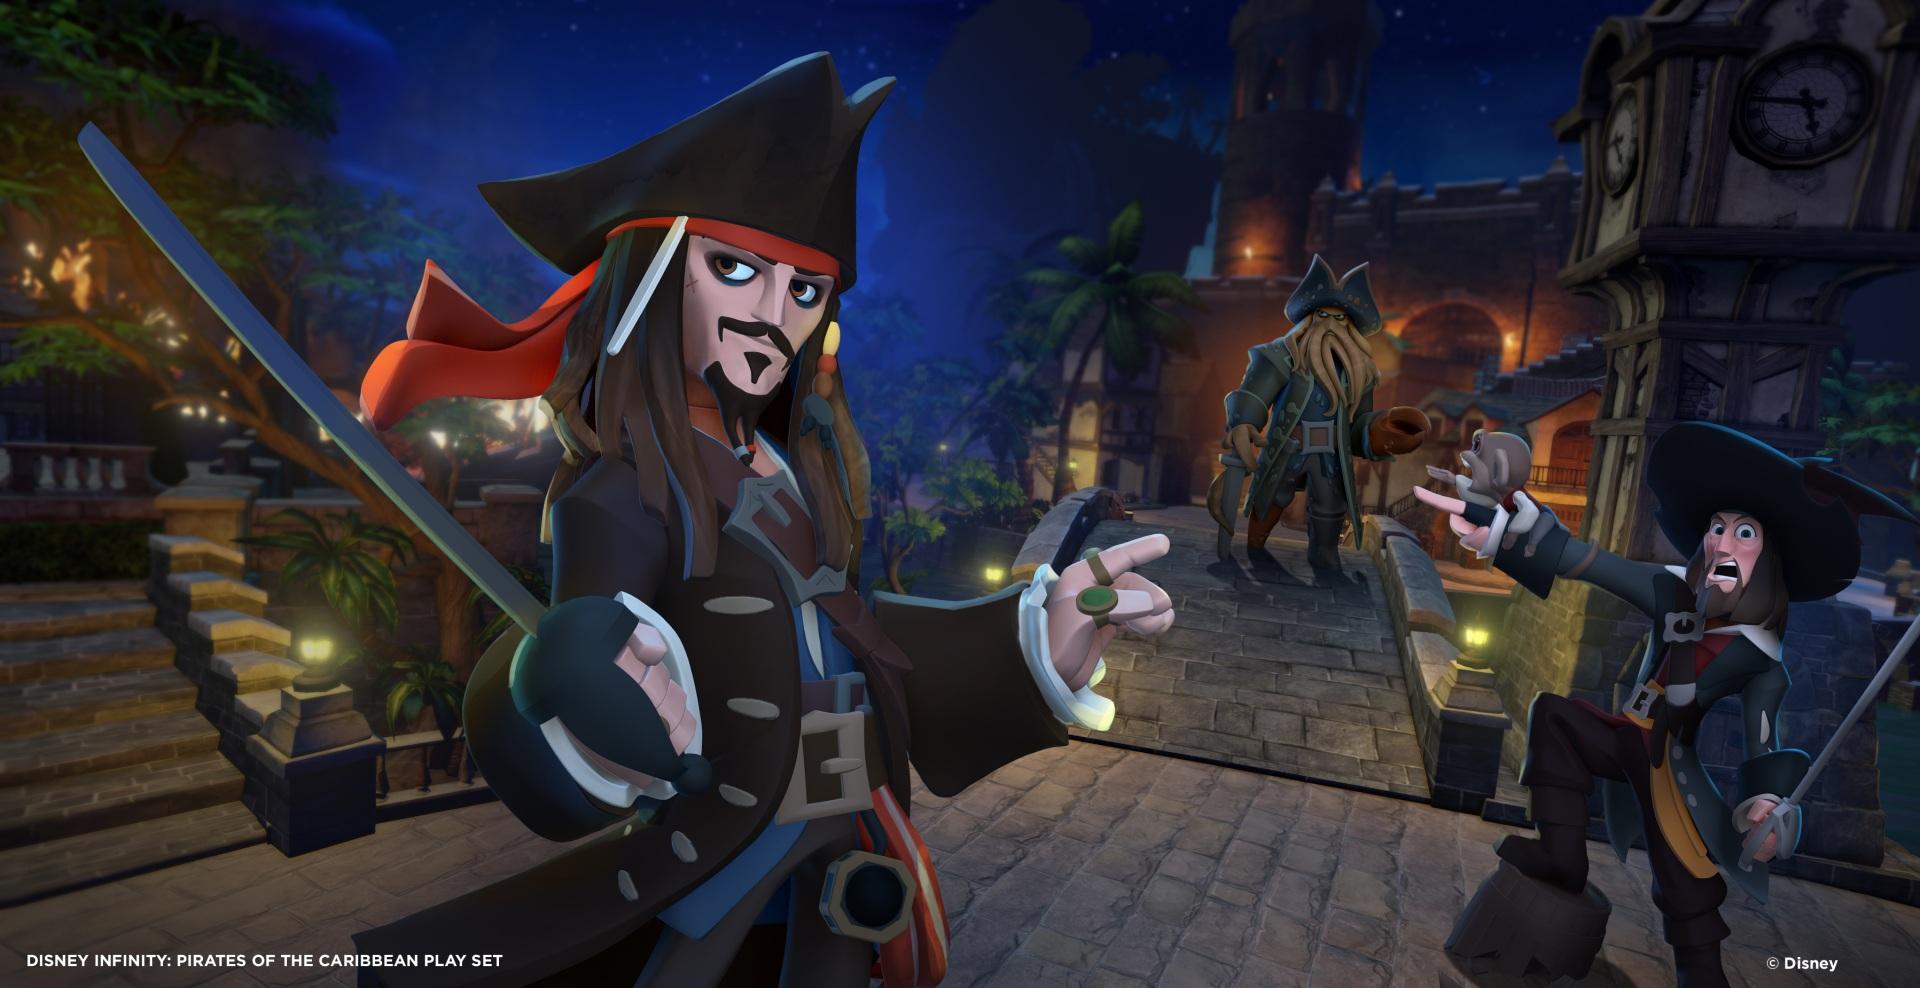 Disney Infinity: Spielzeugkiste mit Piraten, Monstern und Incredibles - Disney Infinity